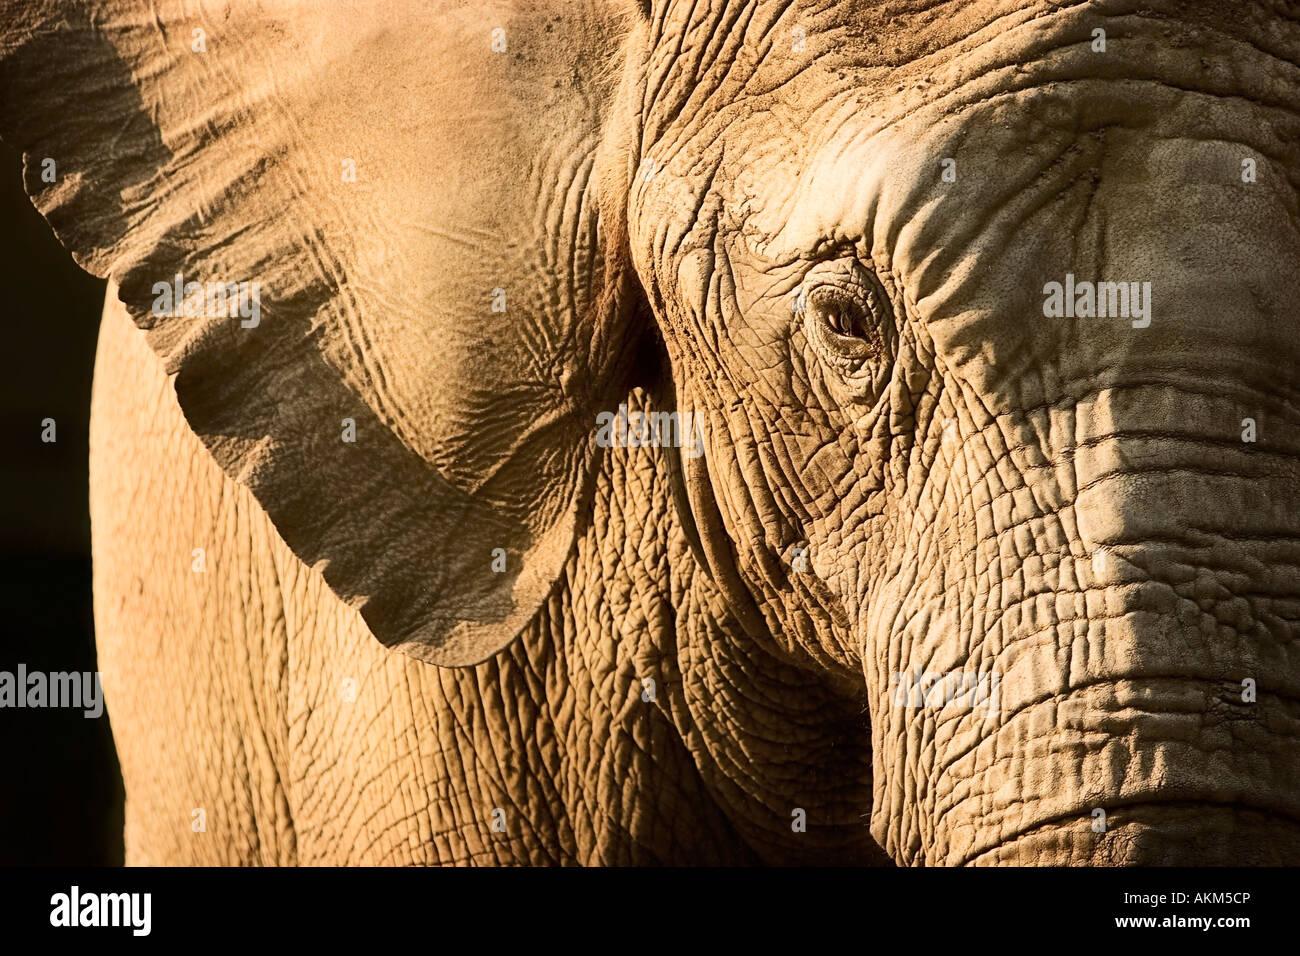 Elephant - Stock Image